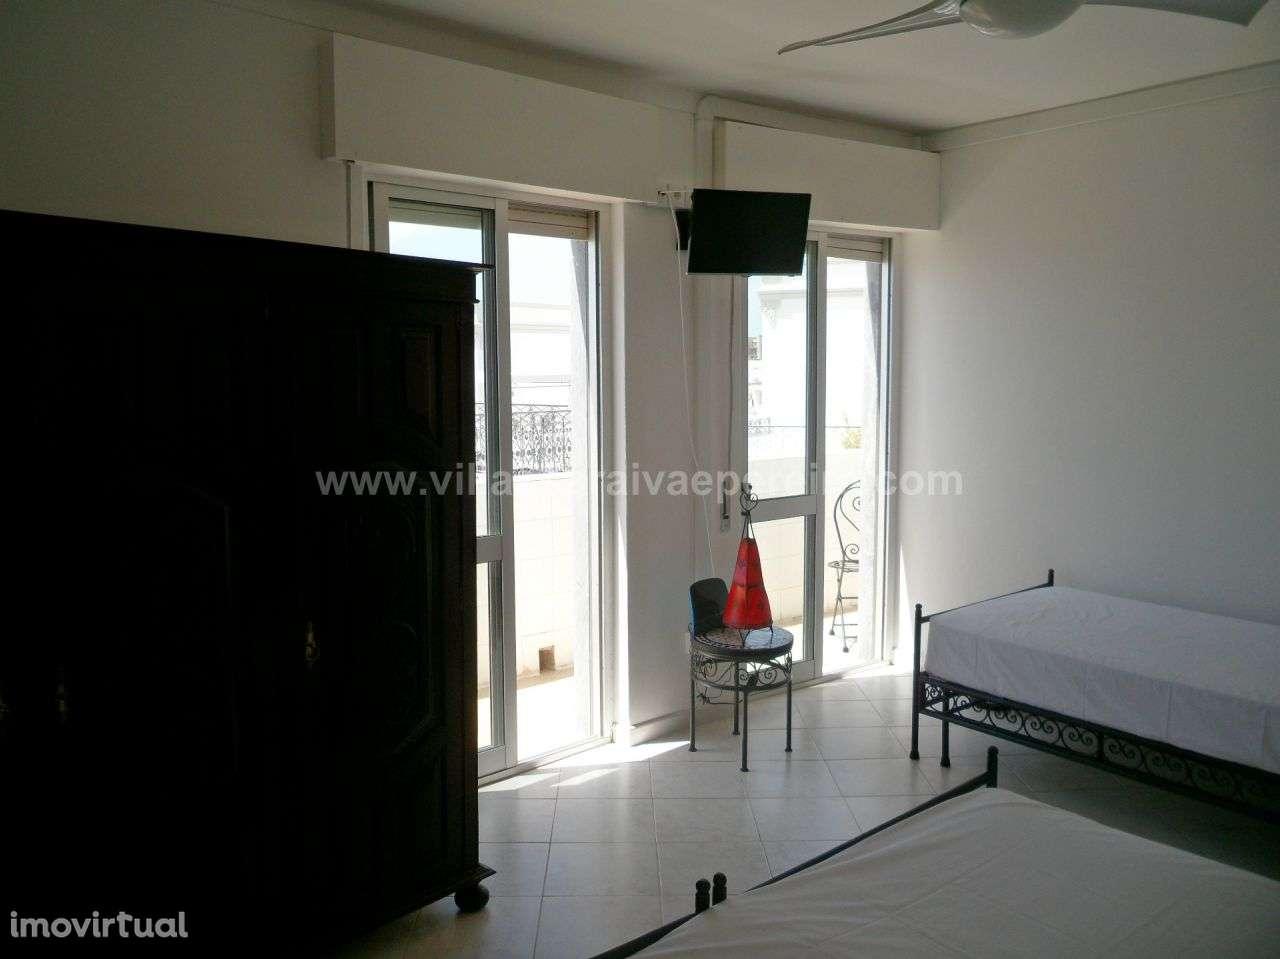 Apartamento para comprar, Olhão, Faro - Foto 24